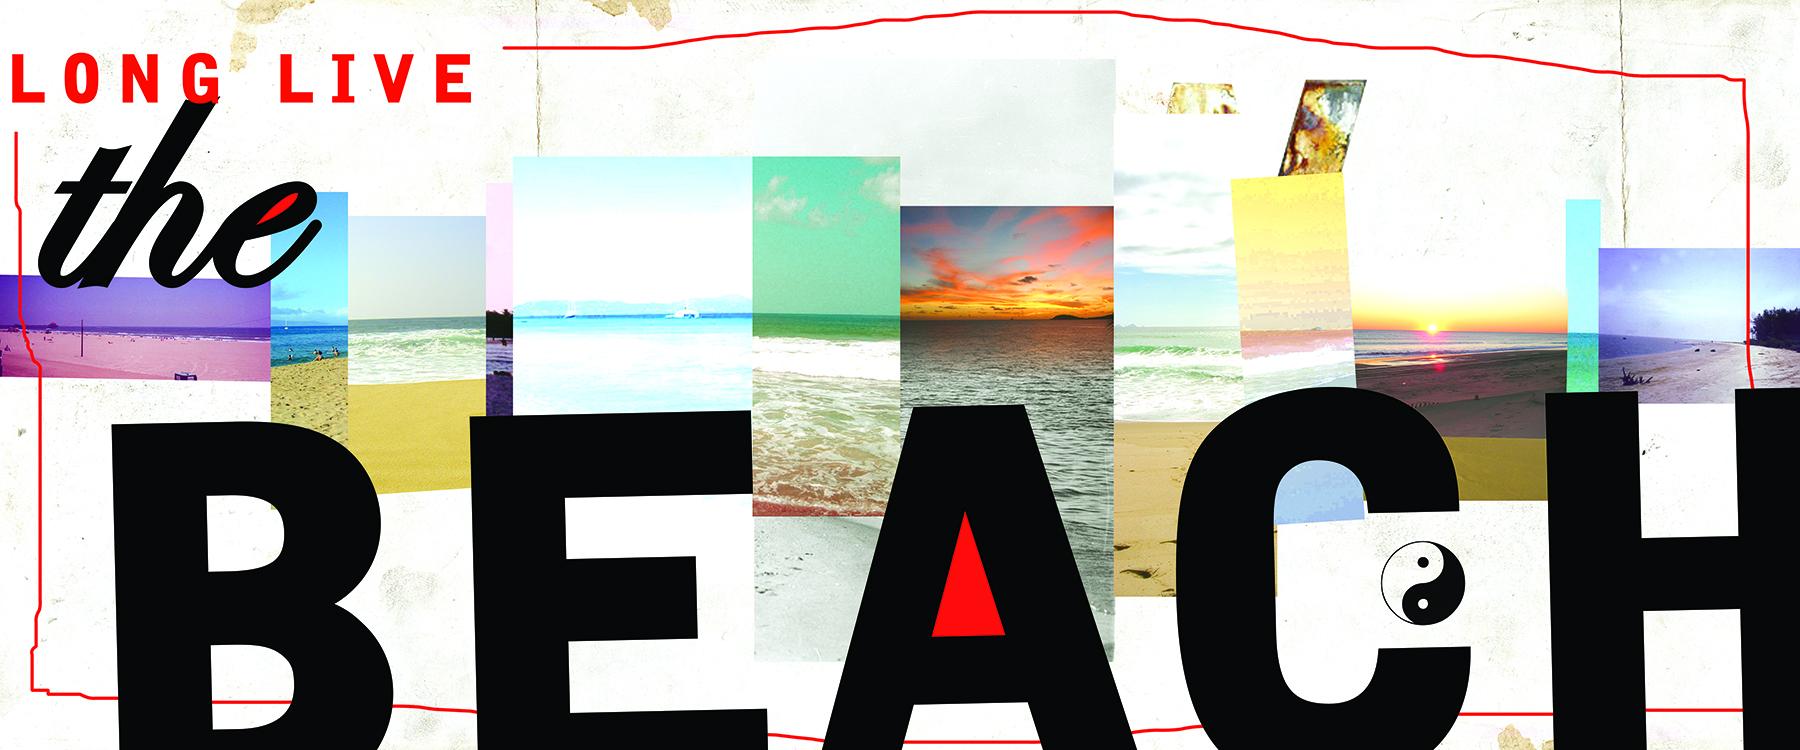 design_collage_beach.jpg